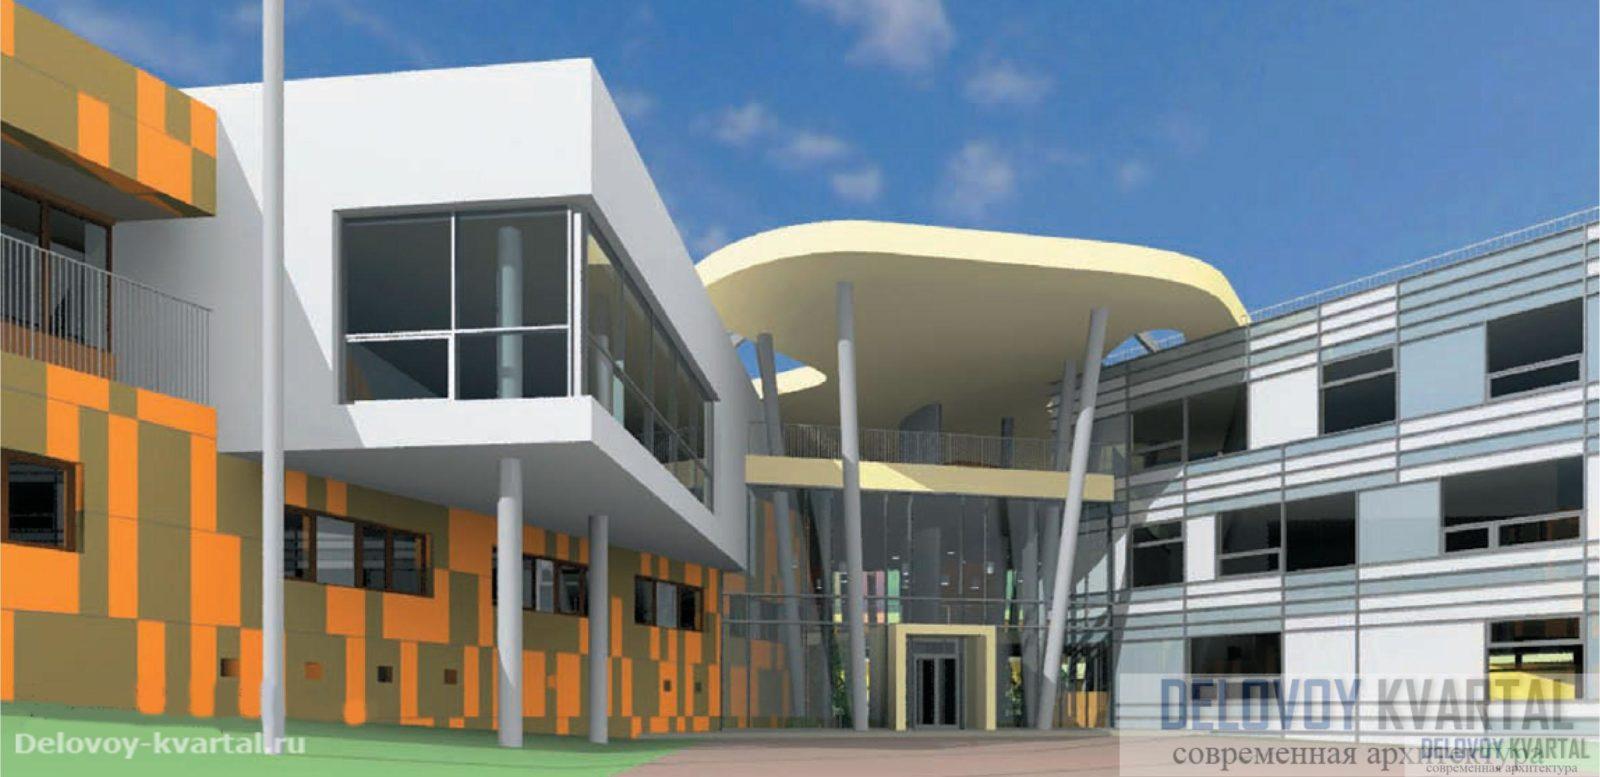 Проект школы-интерната. Архитектурная мастерская «Атриум»